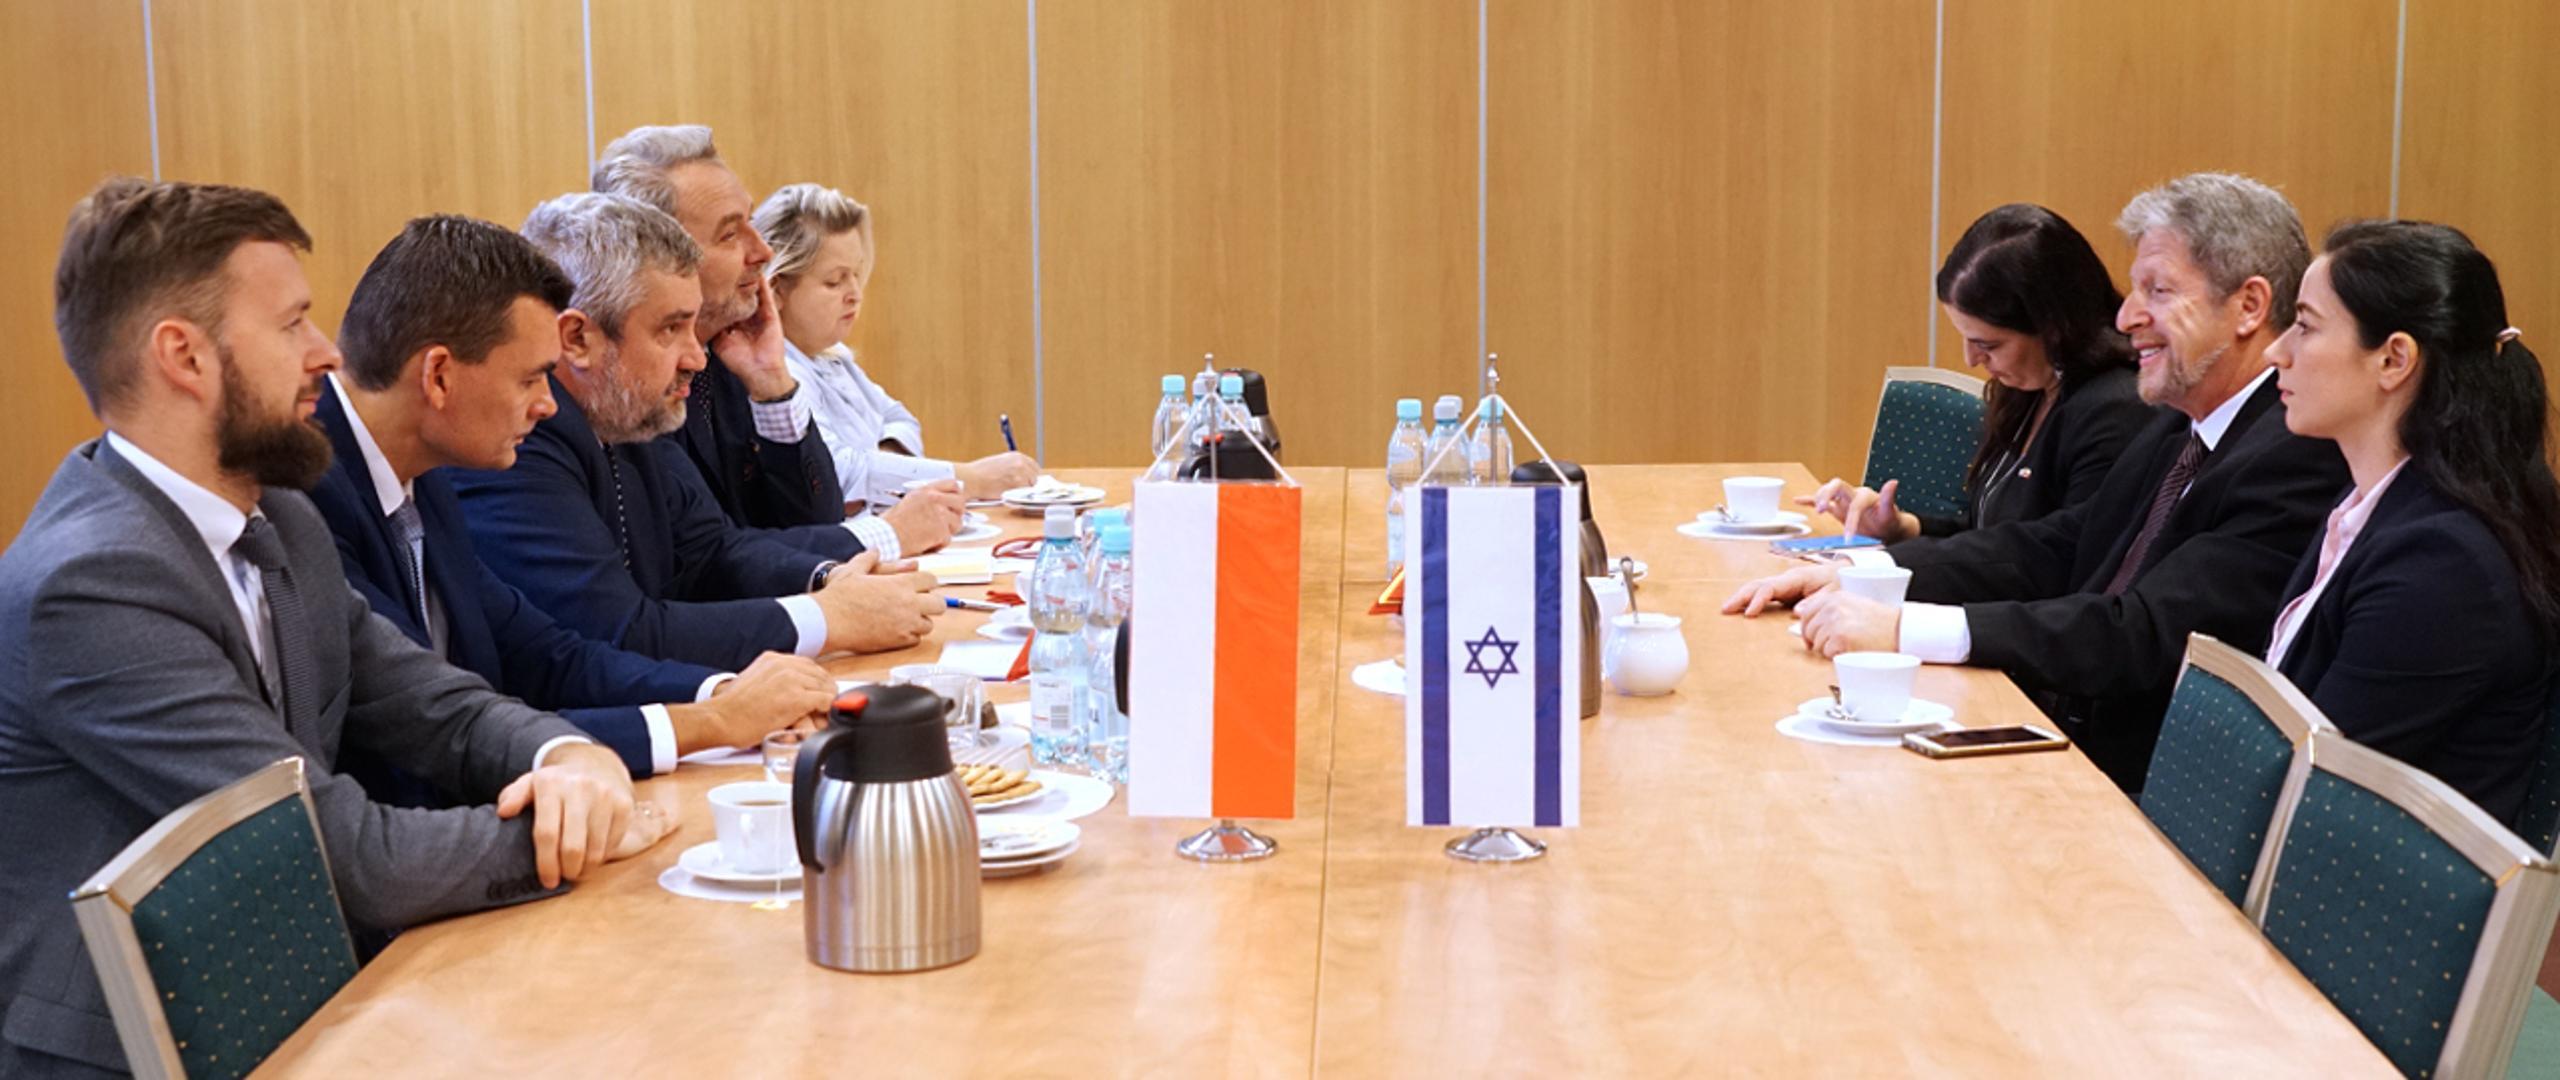 Spotkanie z Ambasadorem Izraela